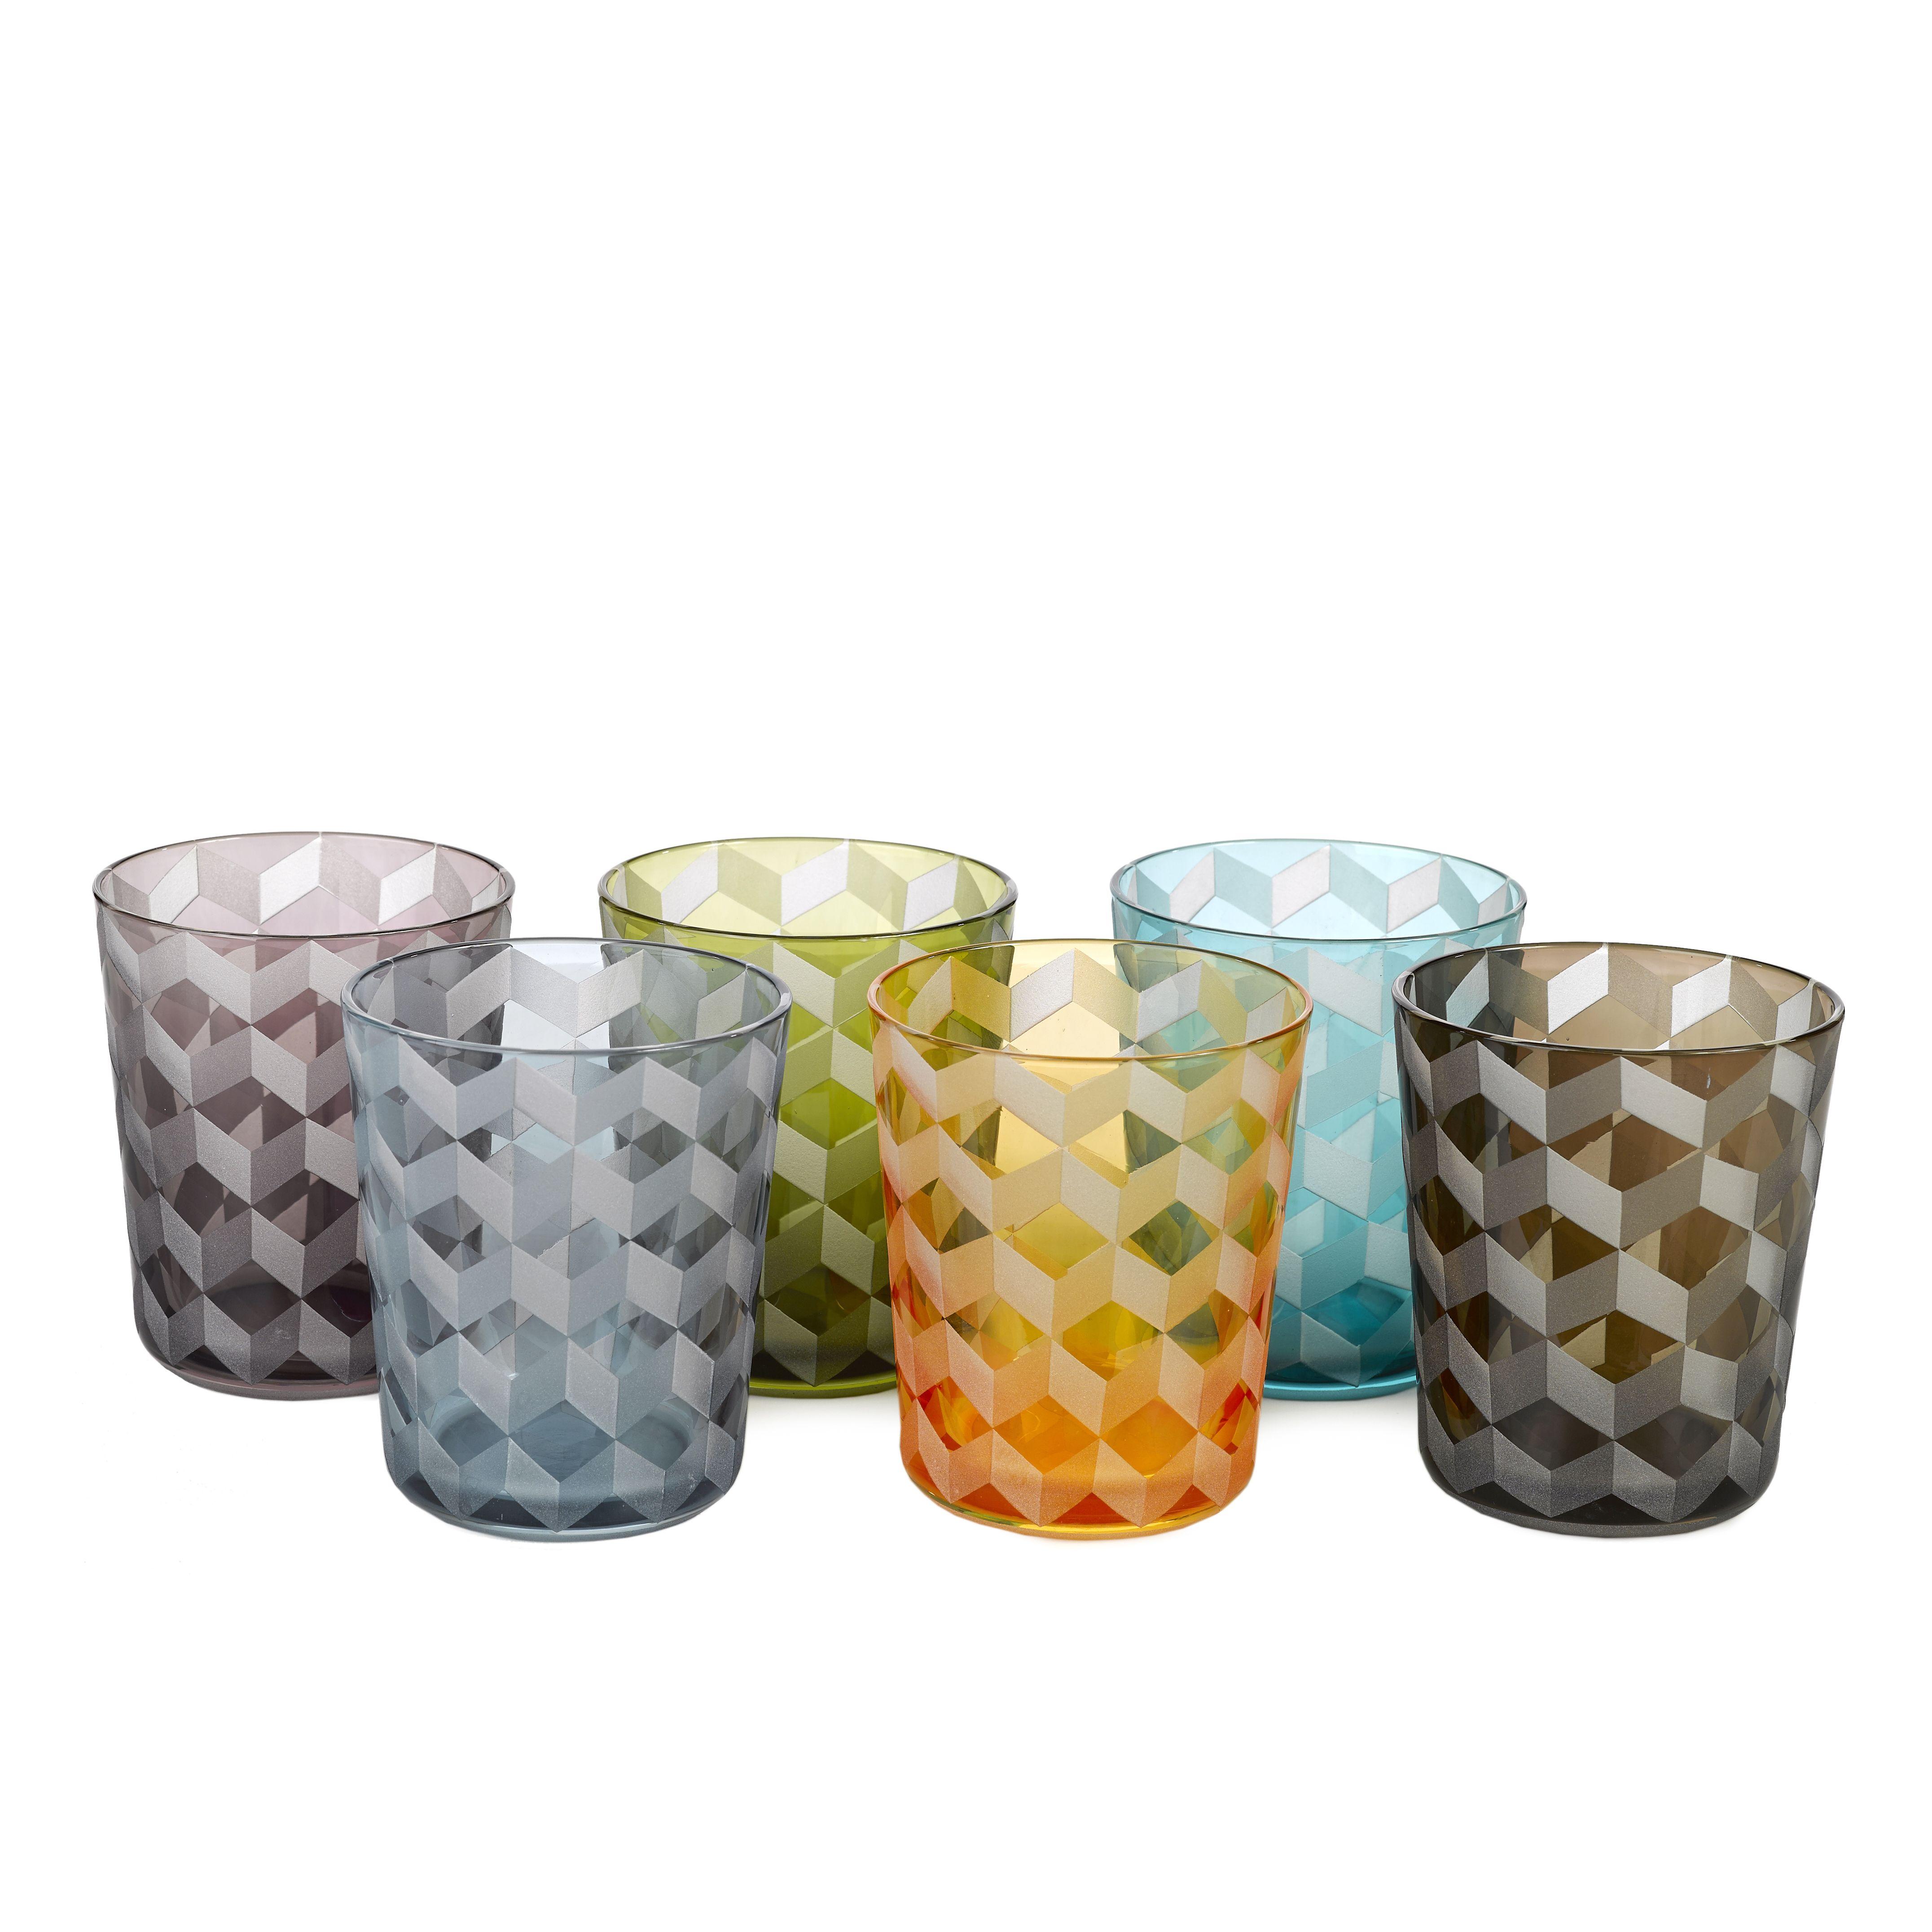 Pols Potten Multicolour Blocks glas 6 stuks kopen